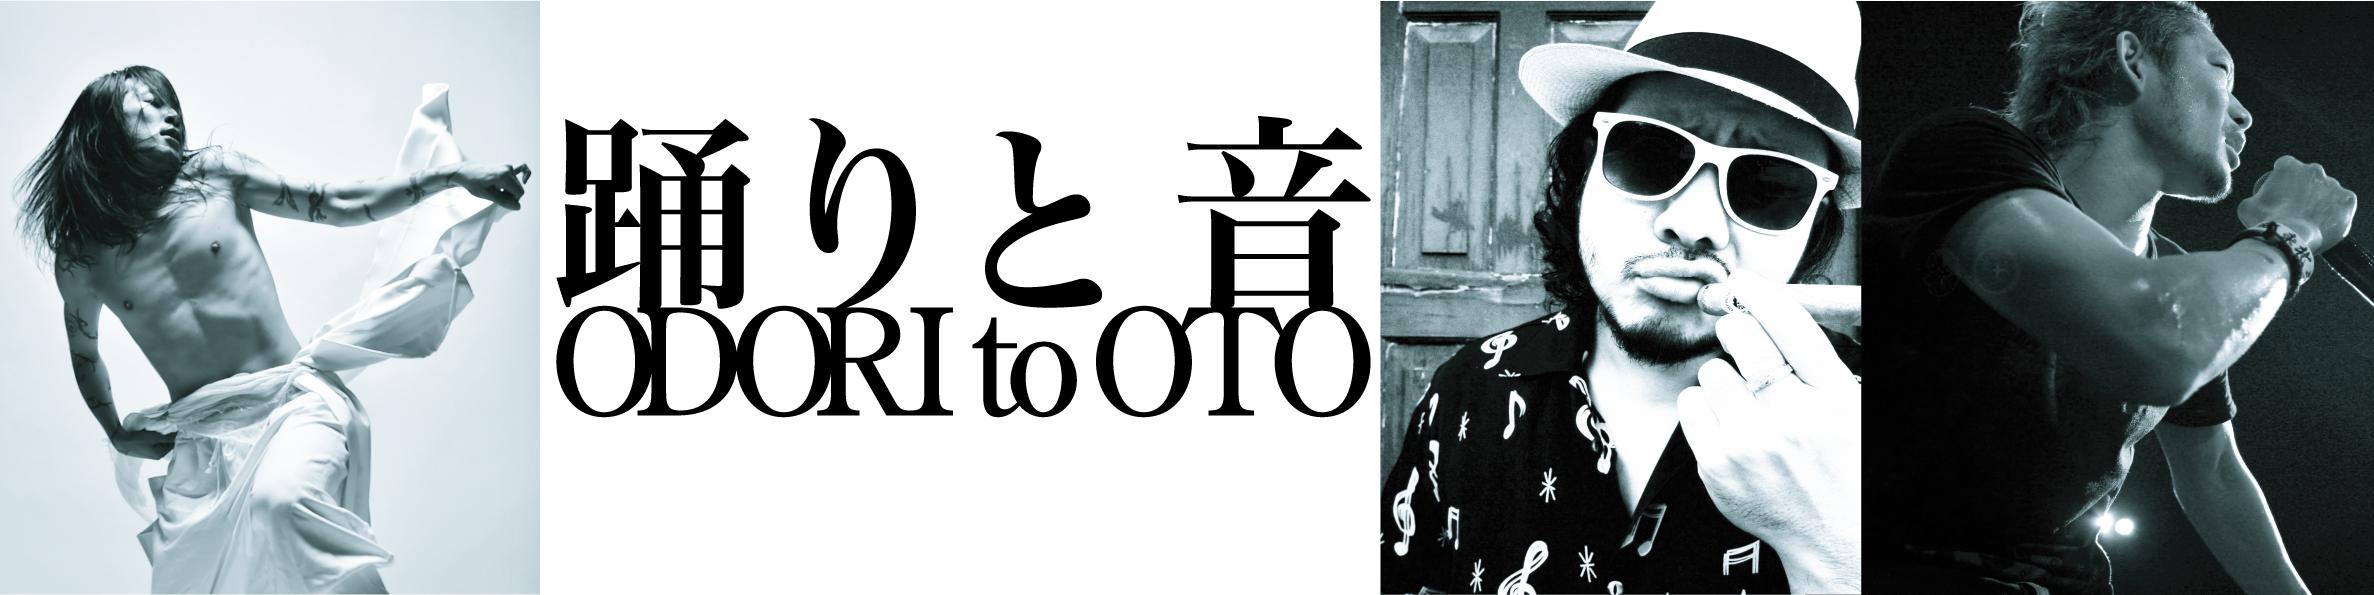 ODORITOOTO_8